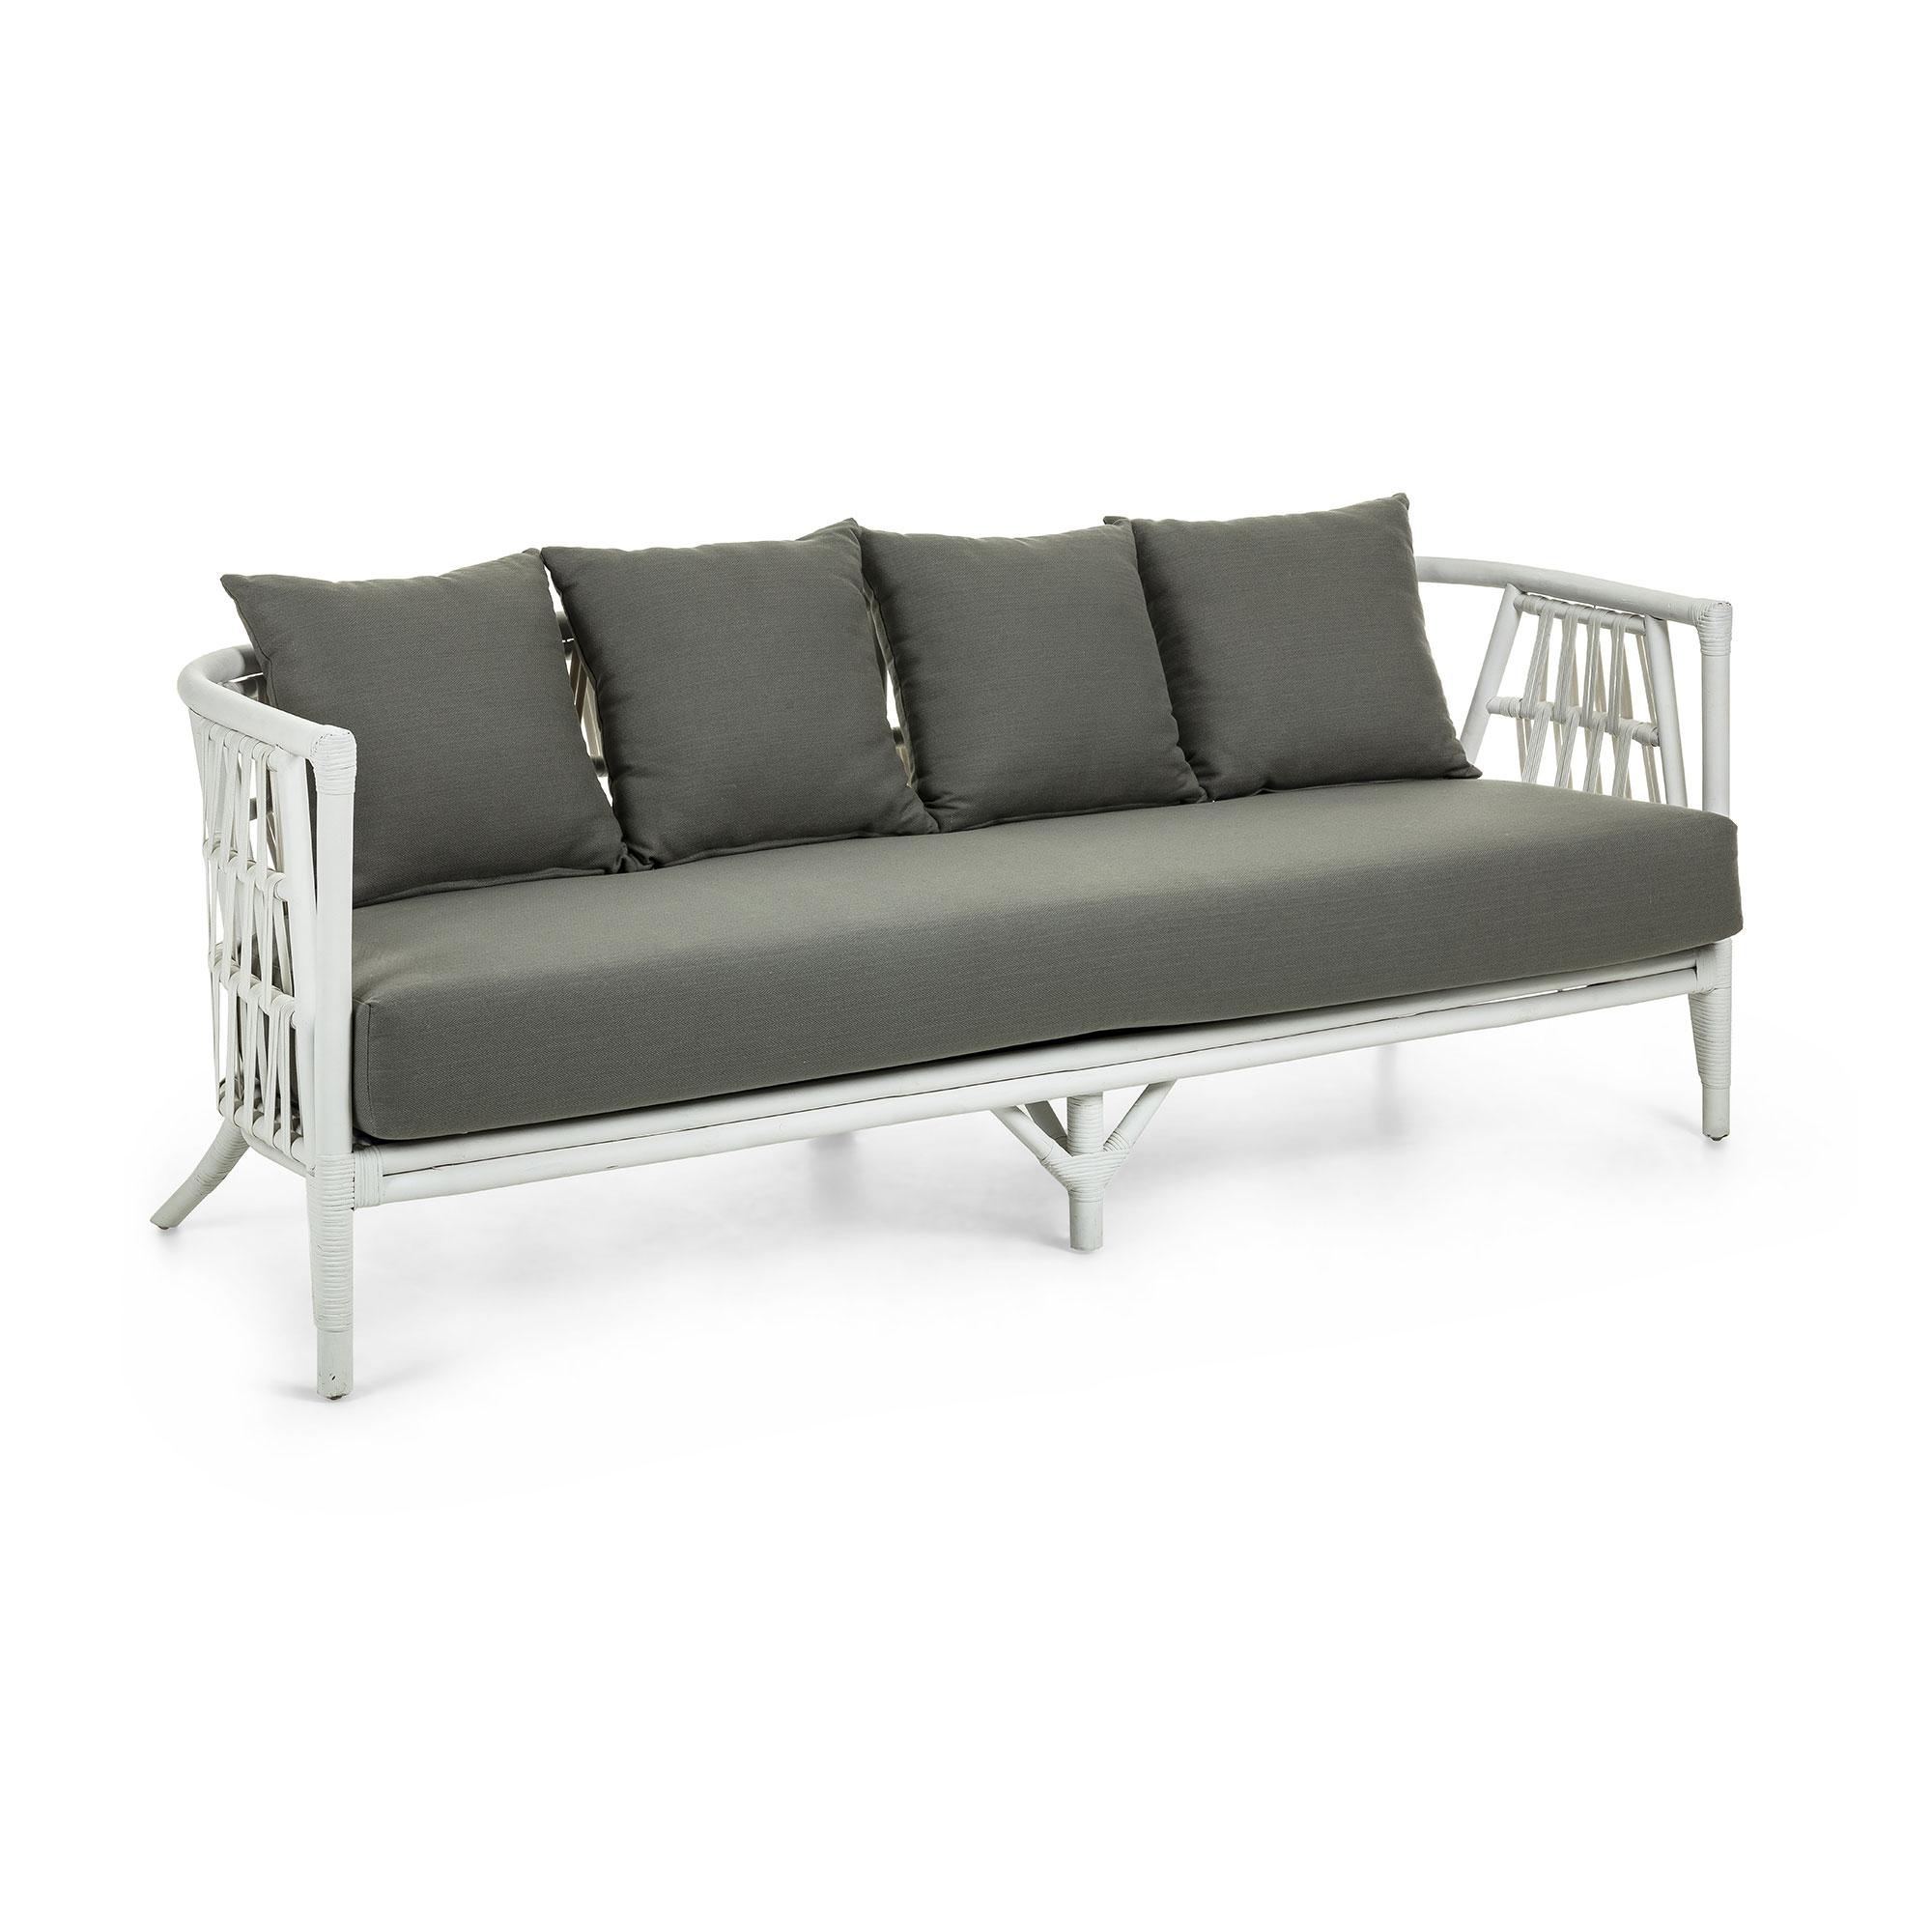 Laforma crampton 3 pers. sofa - lysegrå/hvid stof/rattan fra laforma fra boboonline.dk